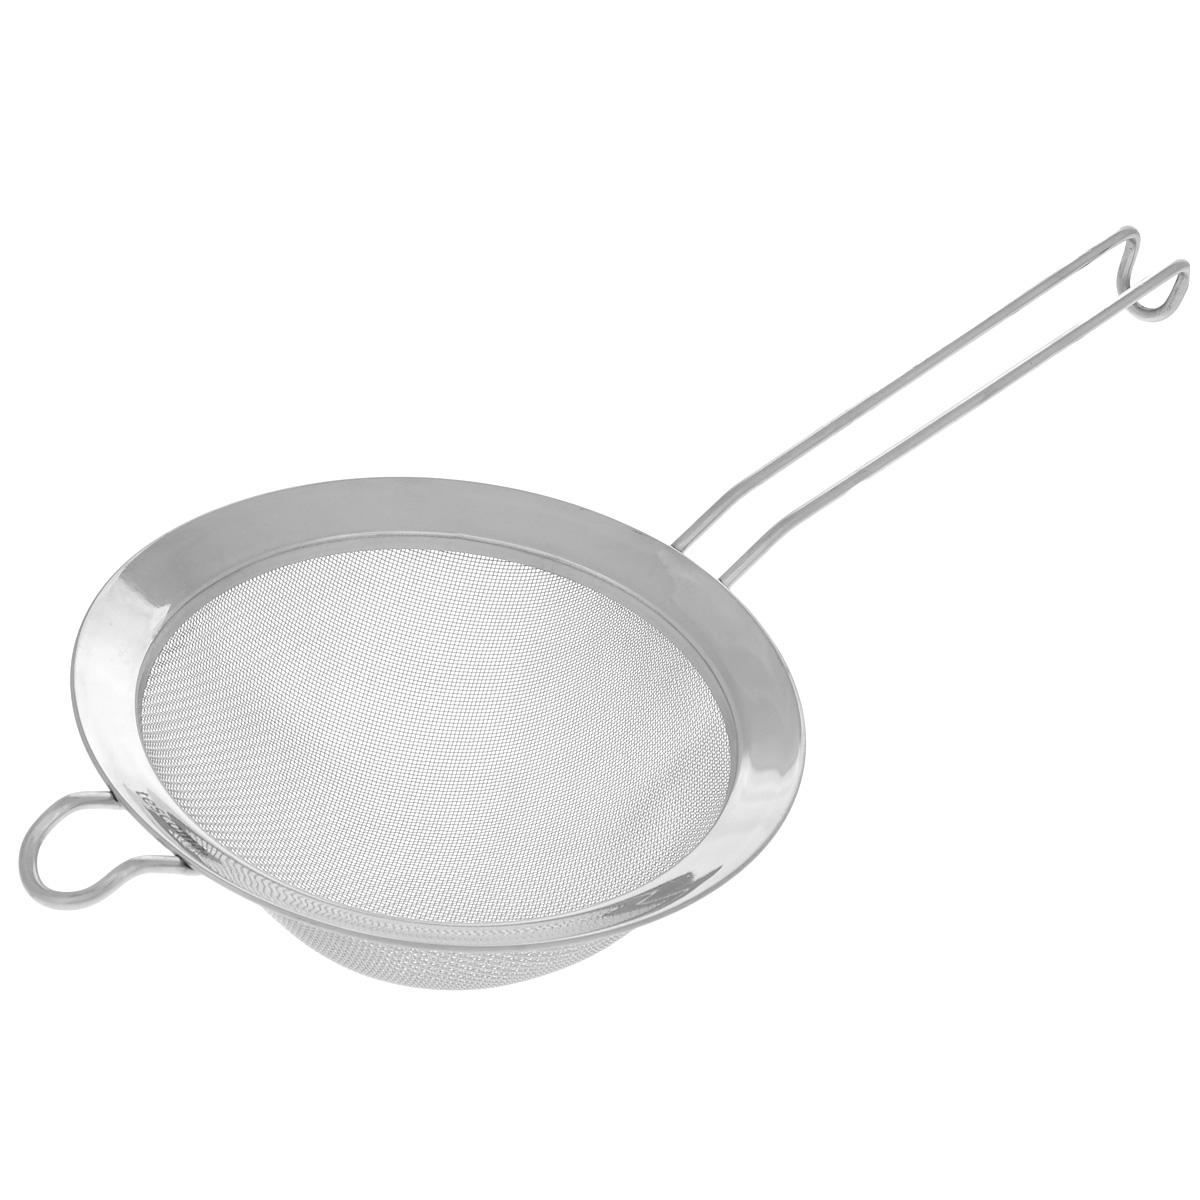 Сито Tescoma Chef, диаметр 20 см115510Сито Tescoma Chef, выполненное из высококачественной нержавеющей стали, станет незаменимым аксессуаром на вашей кухне. Удобная ручка-пруток не позволит выскользнуть изделию из вашей руки. Прочная стальная сетка и корпус обеспечивают изделию износостойкость и долговечность. Сито оснащено специальным ушком, за которое его можно подвесить в любом месте.Такое сито поможет вам процедить или просеять продукты и станет достойным дополнением к кухонному инвентарю.Можно мыть в посудомоечной машине.